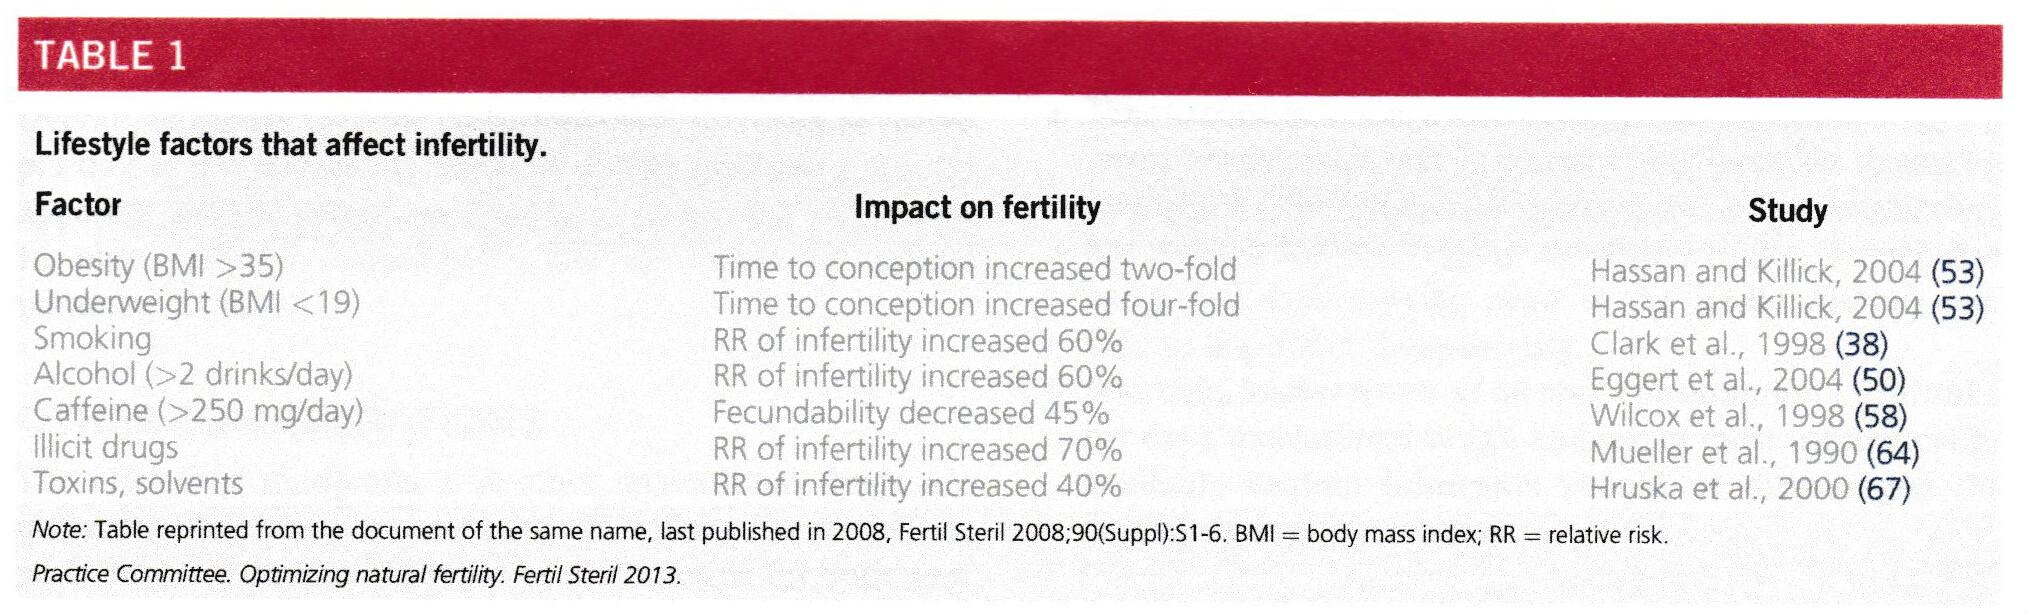 妊娠に影響を及ぼす生活習慣要因